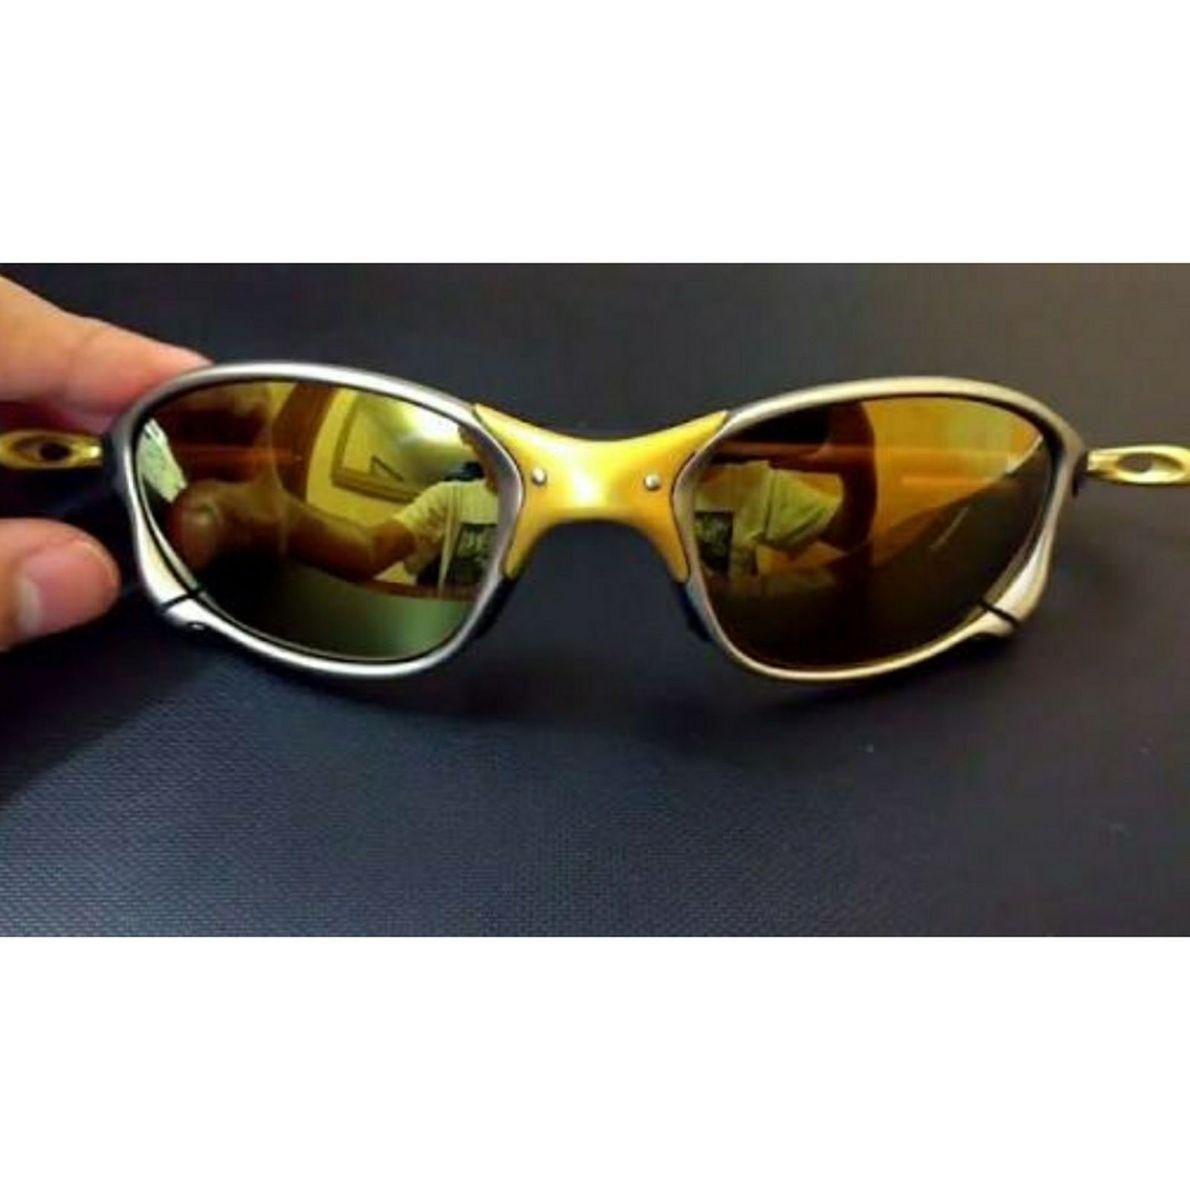 oakley 24k - óculos oakley.  Czm6ly9wag90b3muzw5qb2vplmnvbs5ici9wcm9kdwn0cy83njg2mdmzlzzkmwuxzmiwywywowy5zduxmzg0nzrhy2izodu4mde5lmpwzw 2f77d6d3c4